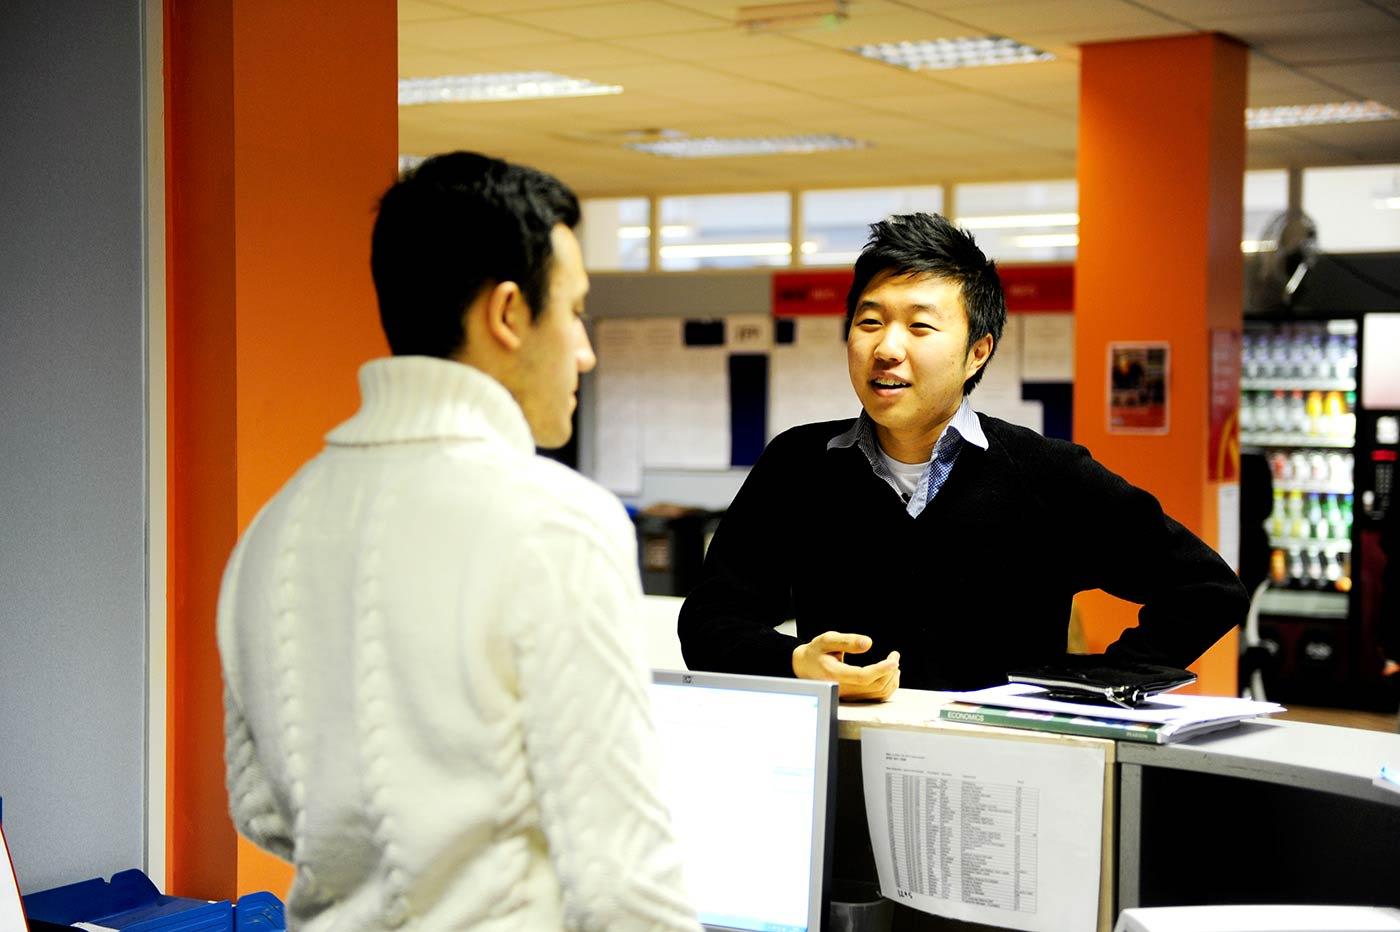 يمكنك الحصول على المشورة المتعلقة بتحديد الخيارات الدراسية في مجموعة واسعة من جامعات المملكة المتحدة